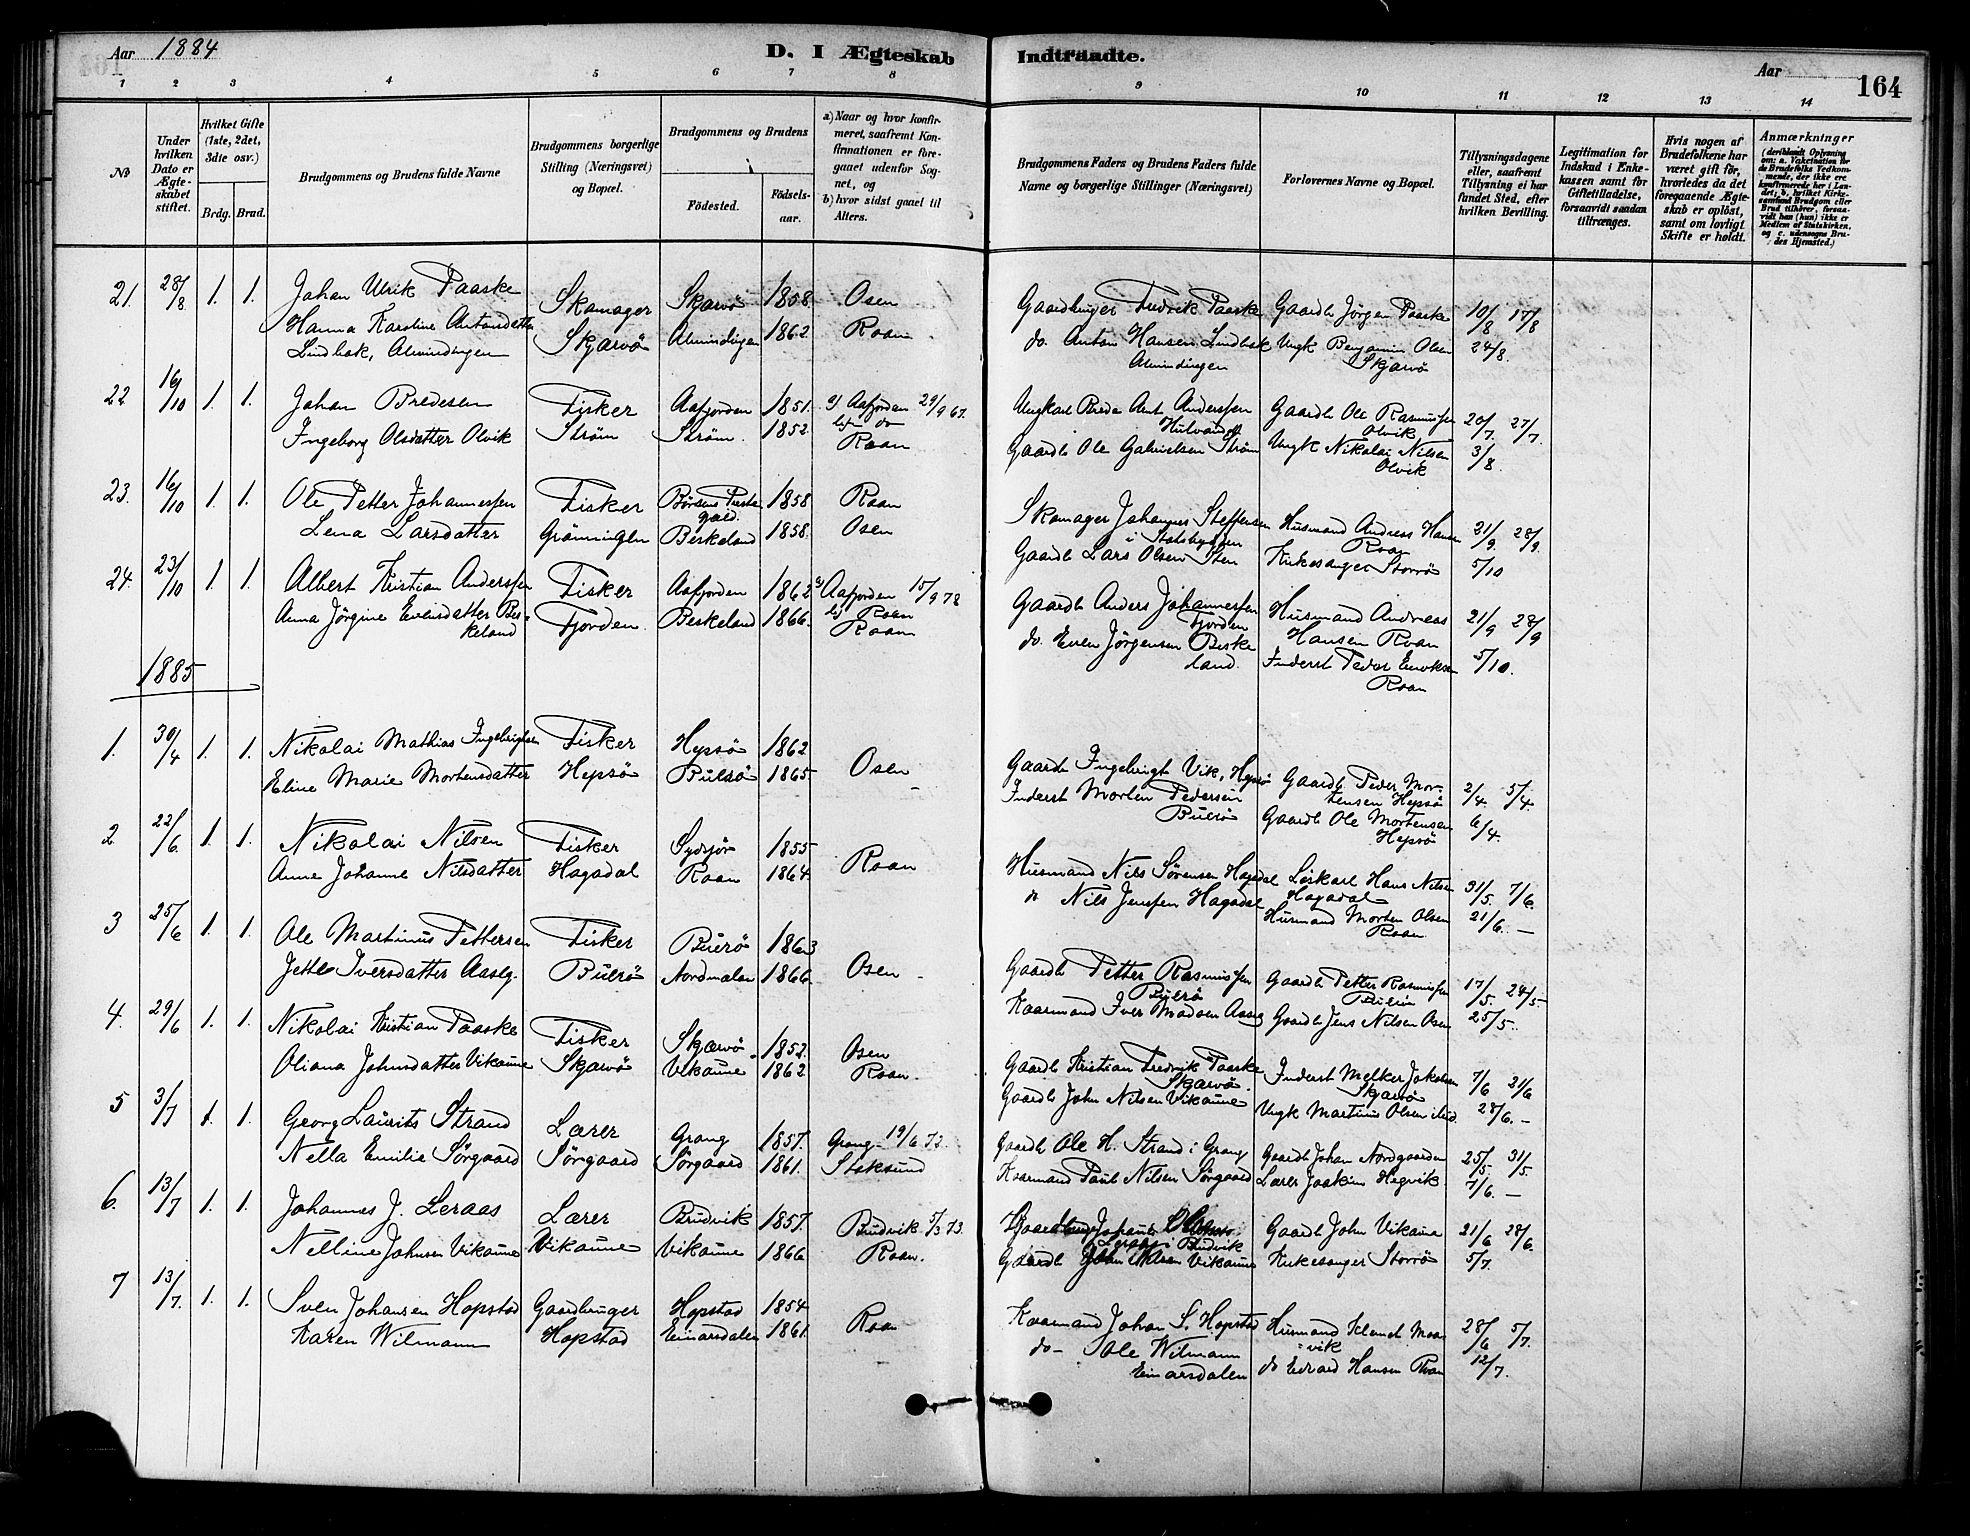 SAT, Ministerialprotokoller, klokkerbøker og fødselsregistre - Sør-Trøndelag, 657/L0707: Ministerialbok nr. 657A08, 1879-1893, s. 164